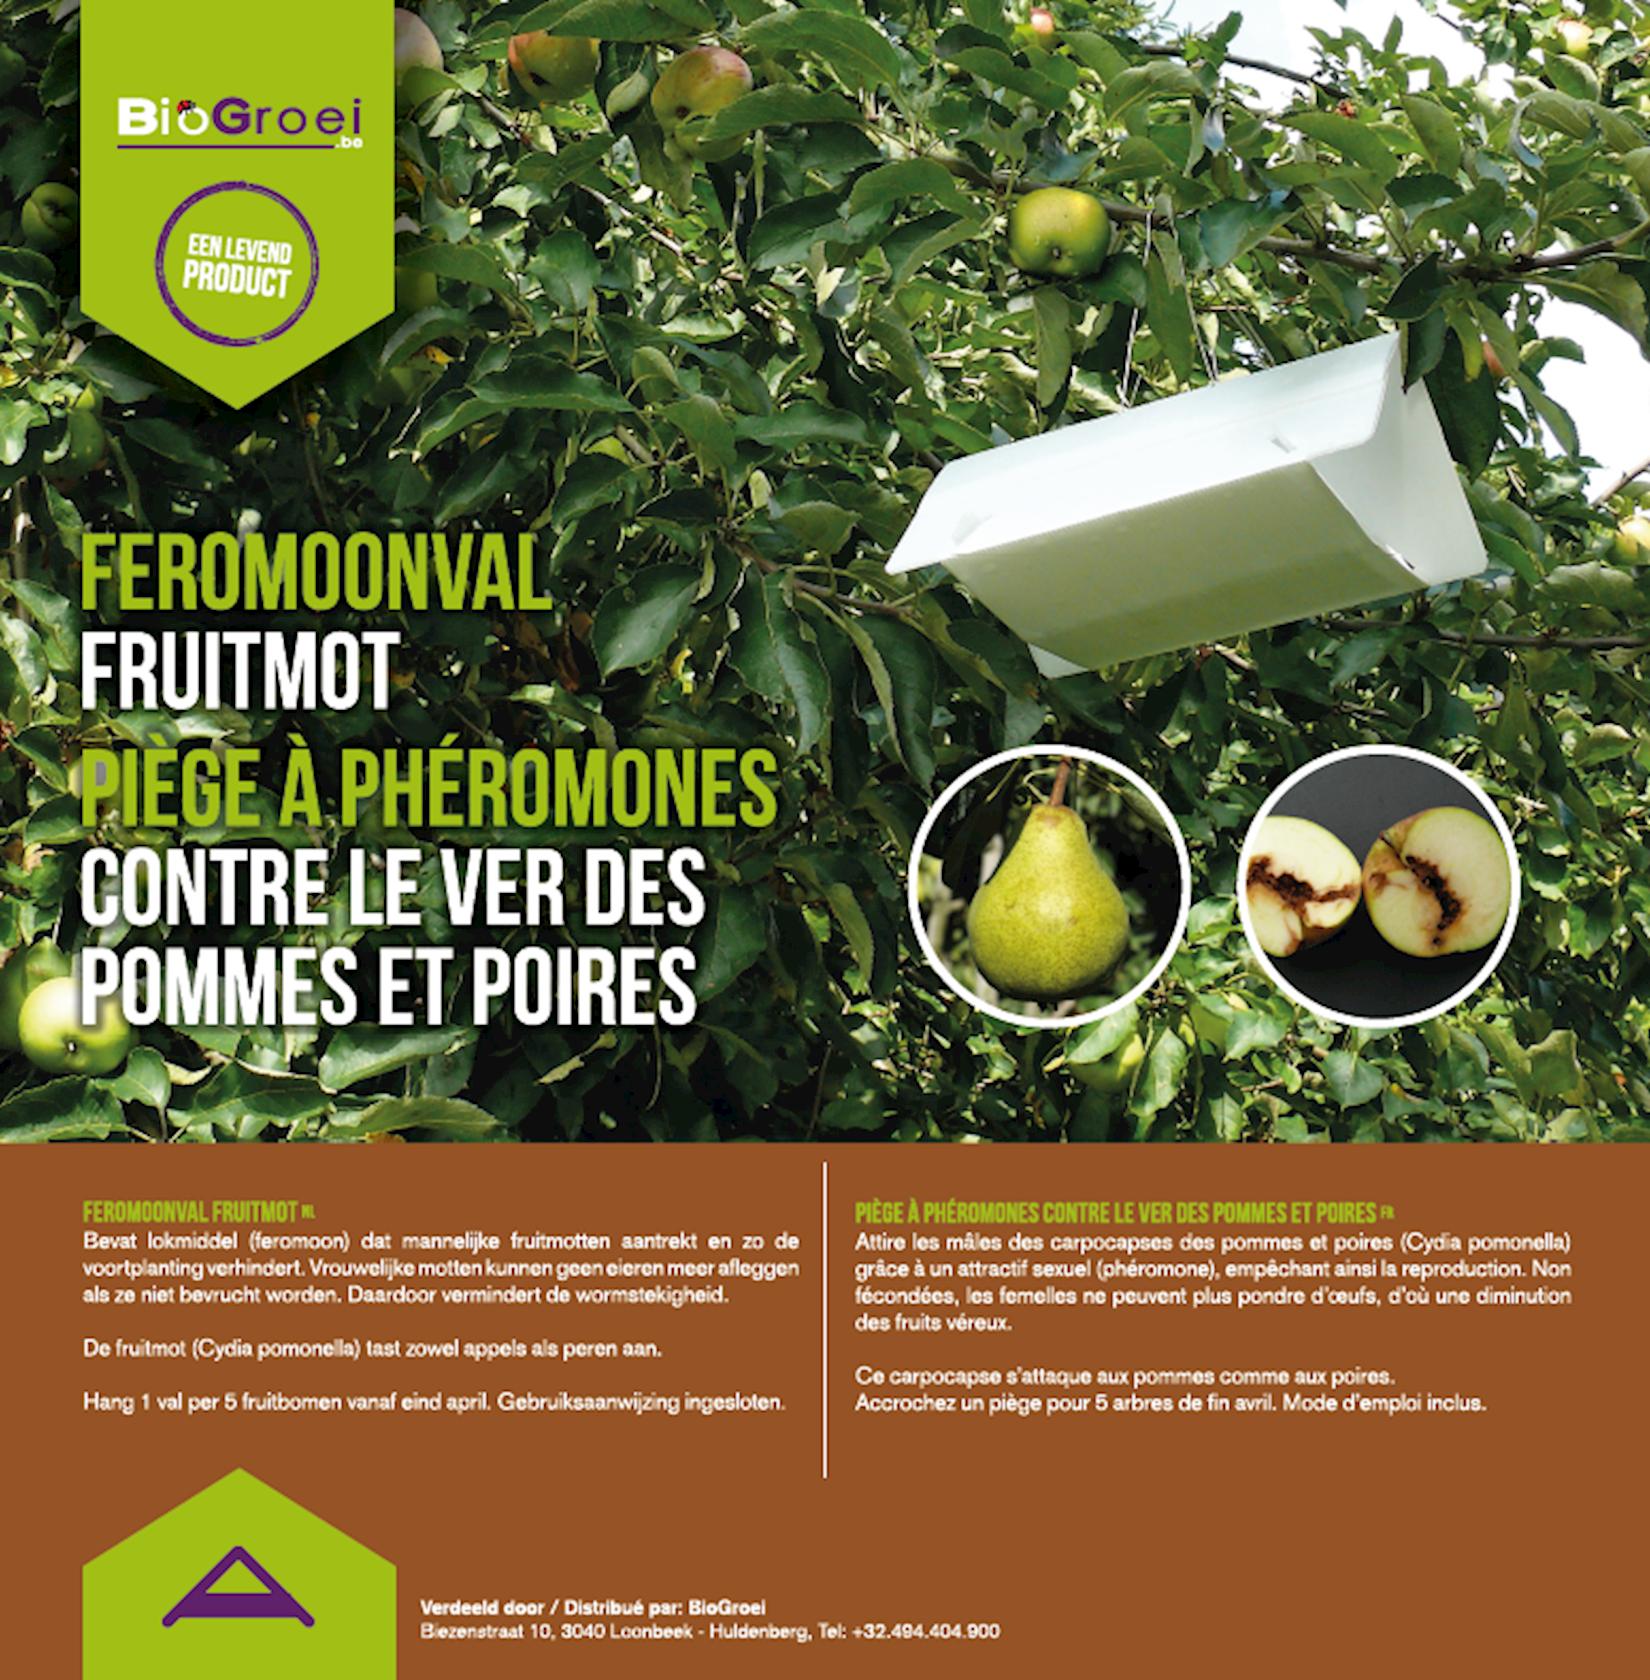 Feromoonval tegen fruitmot + 2 feromonen